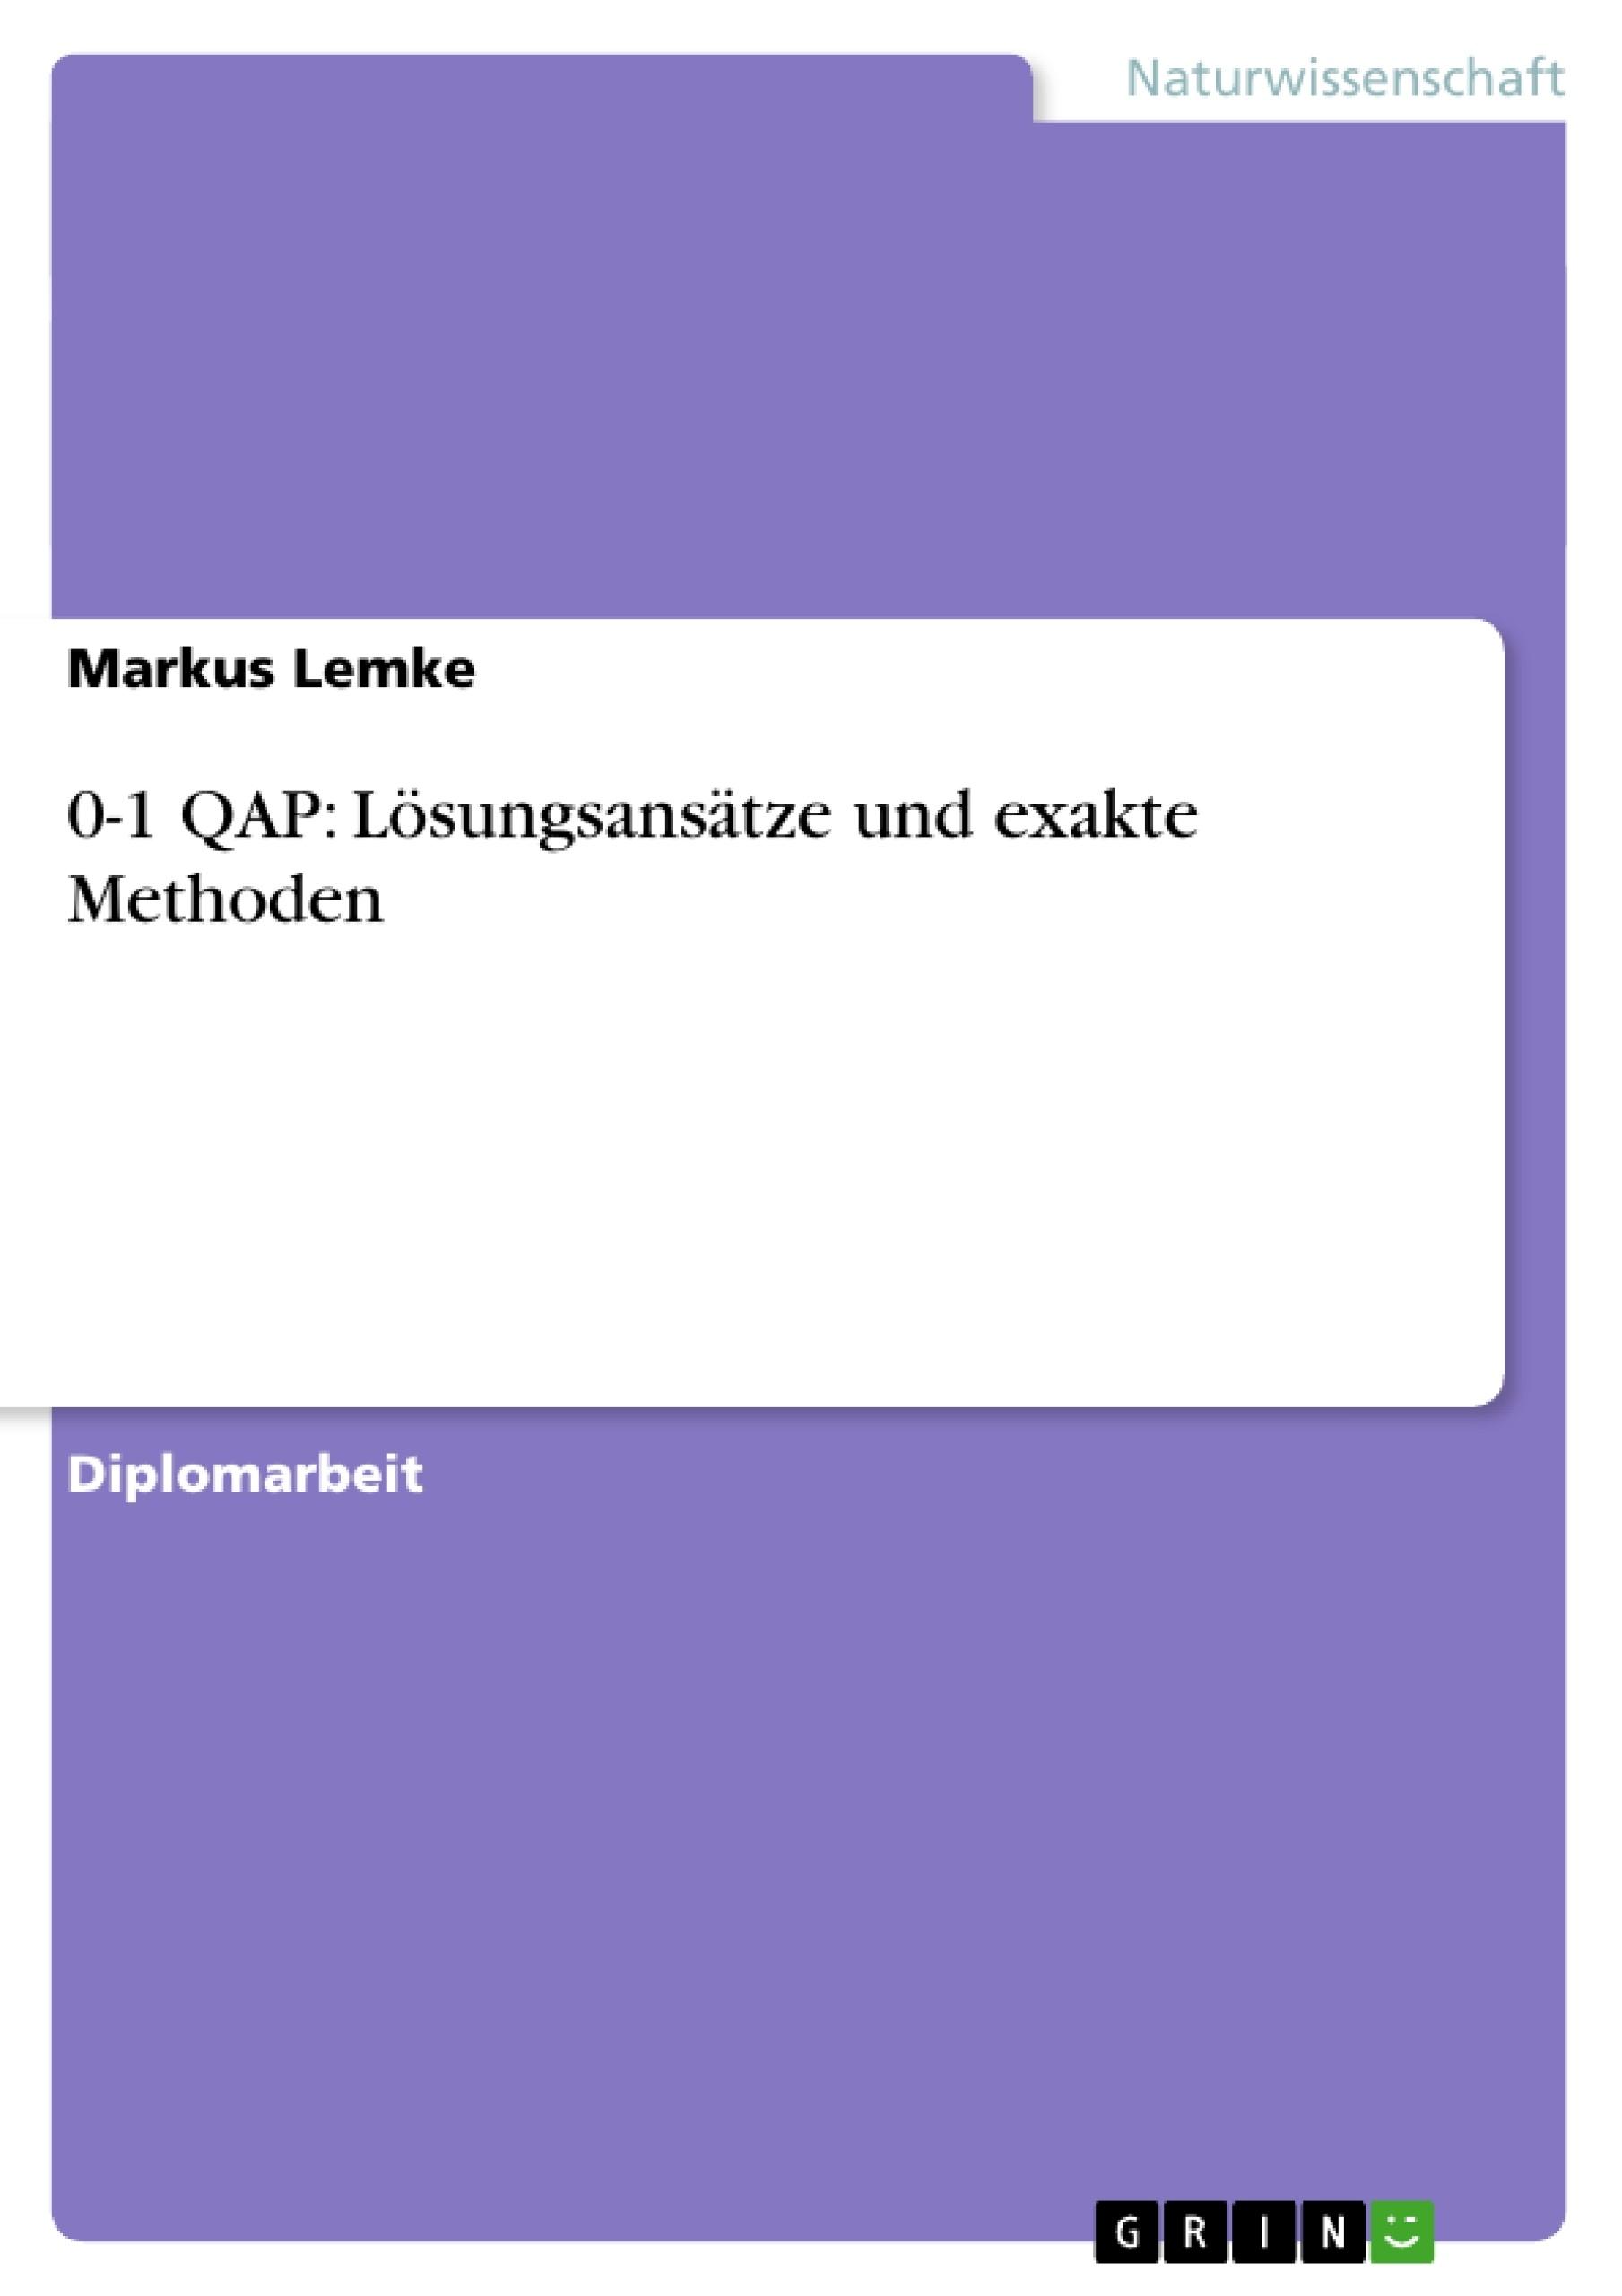 Titel: 0-1 QAP: Lösungsansätze und exakte Methoden